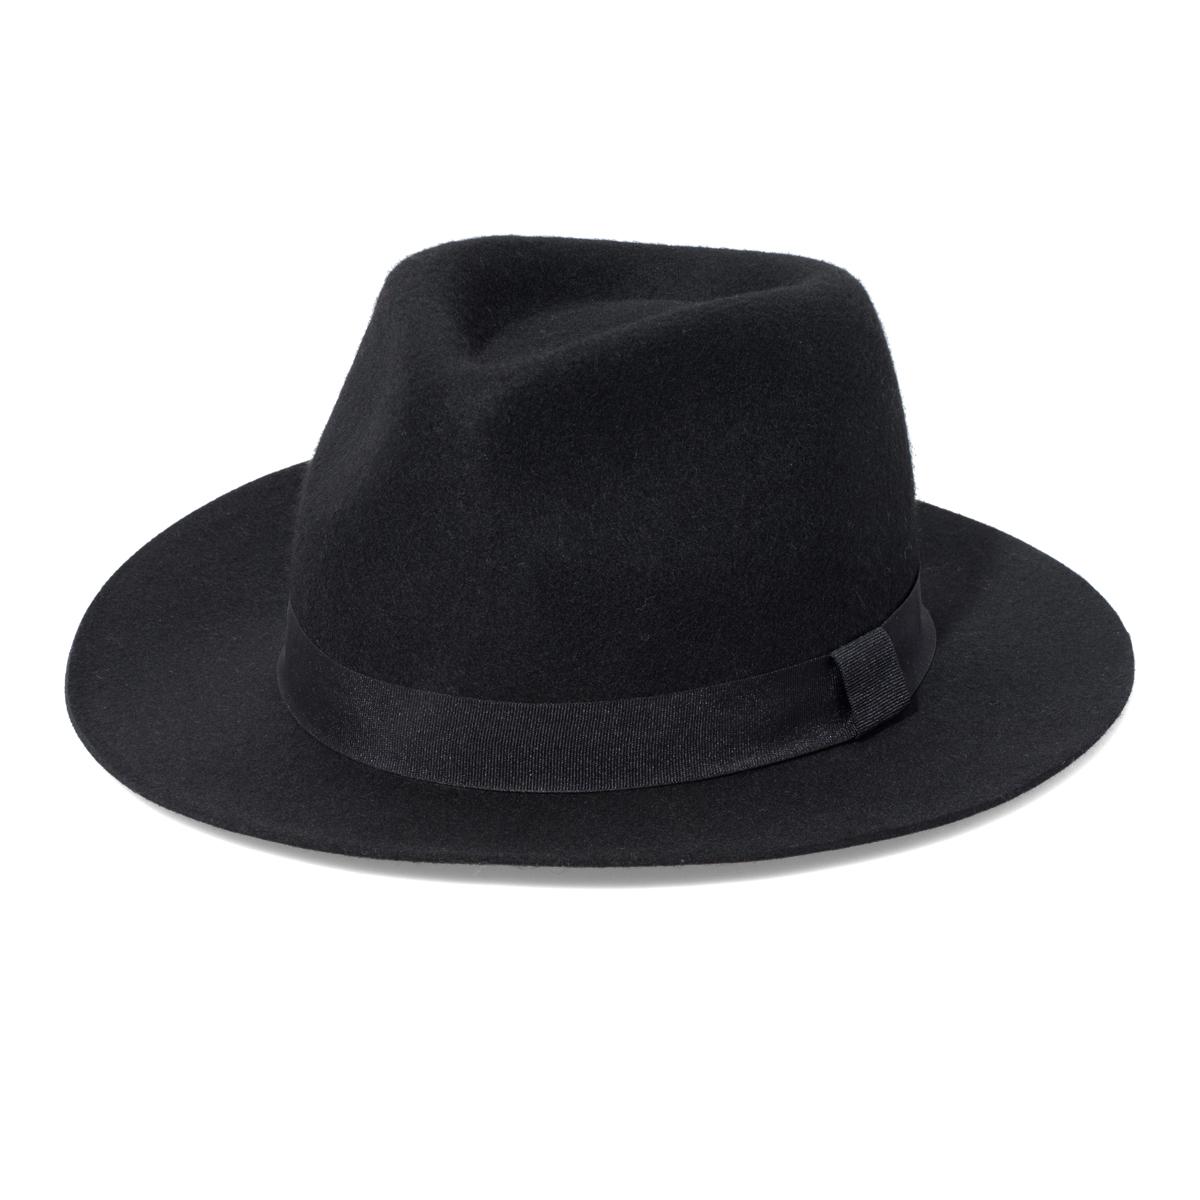 New Yorker divatos férfi fekete kalap kép 16bdd11d72